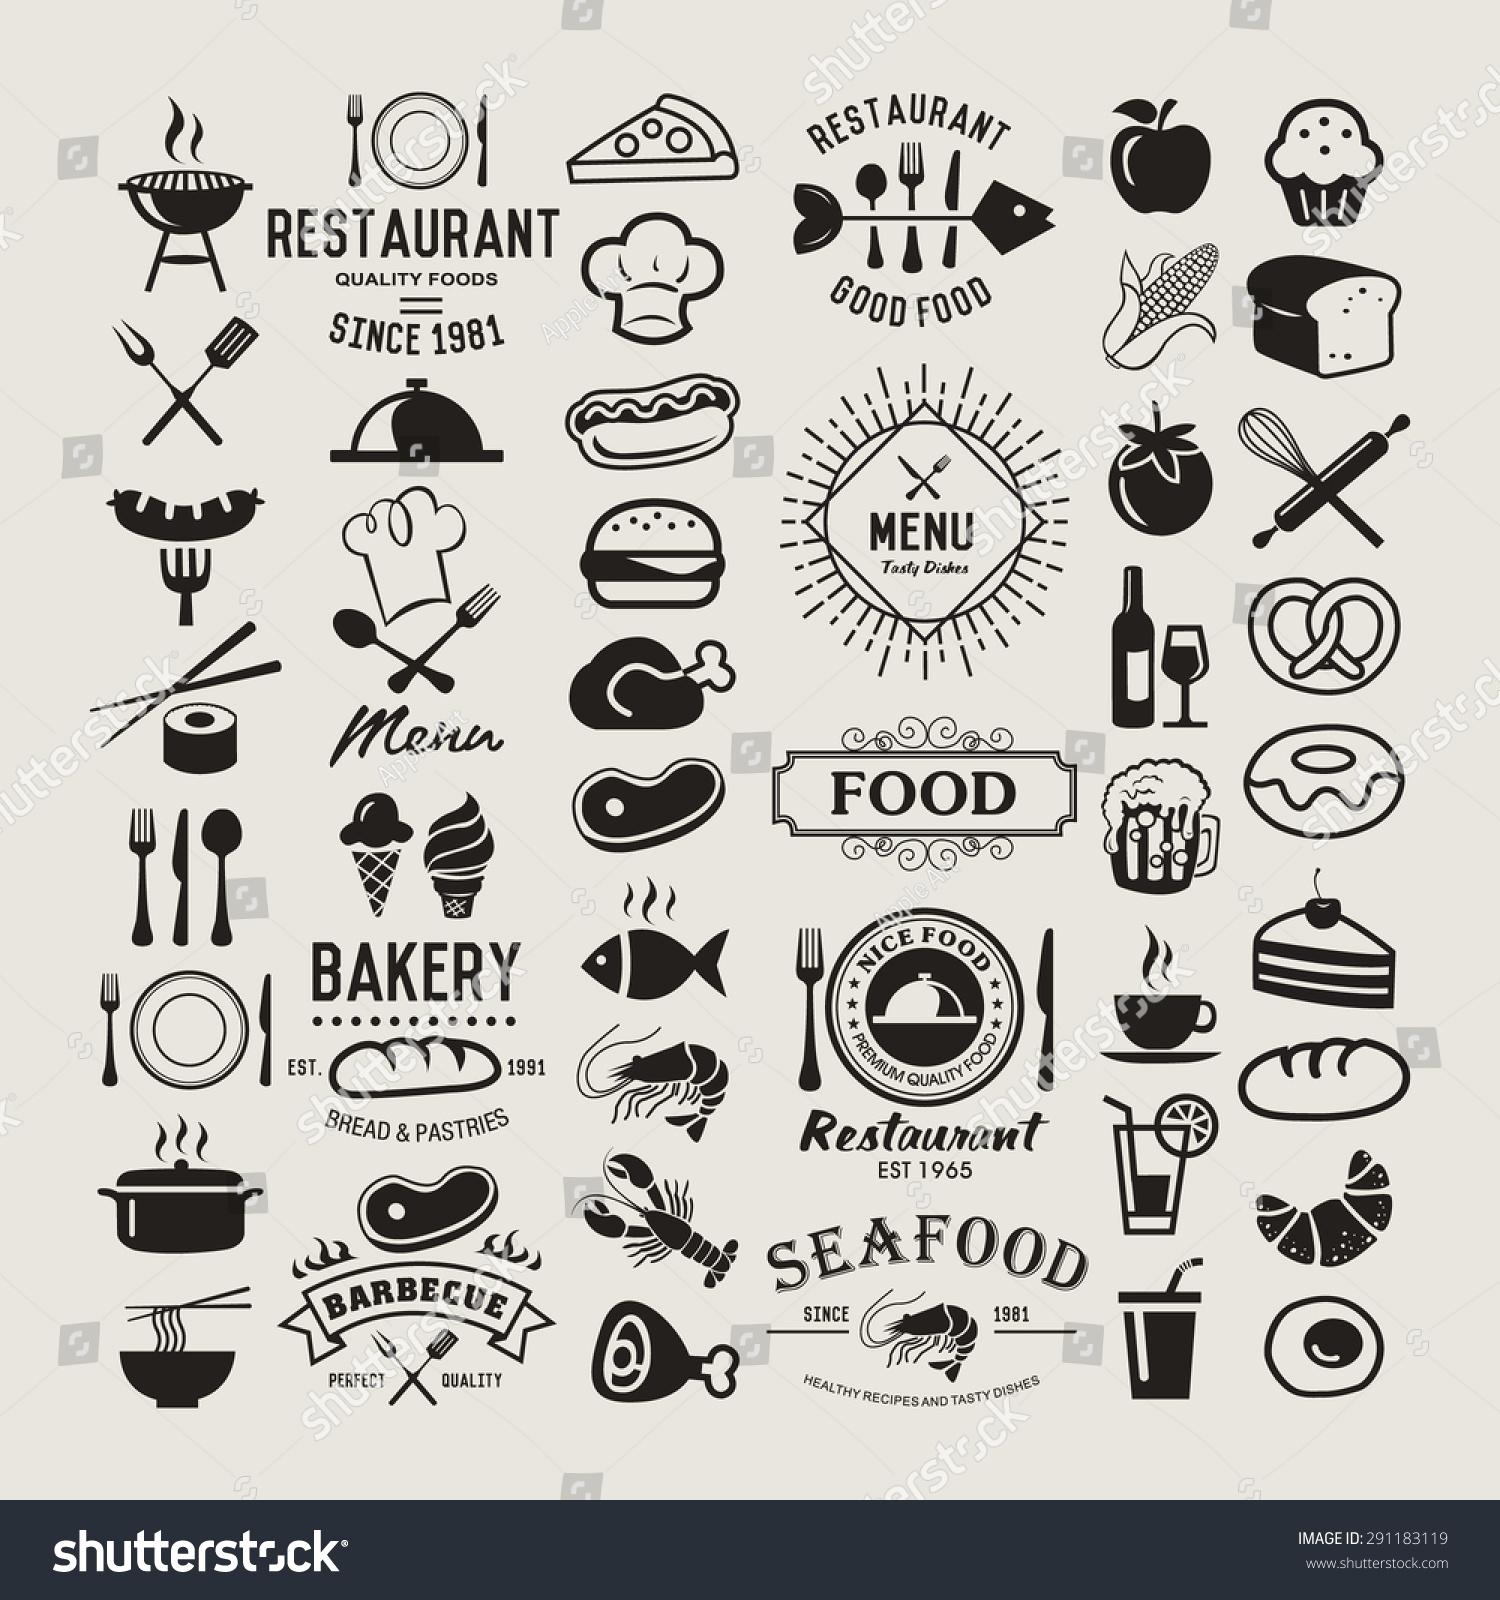 Food logotypes set restaurant vintage design elements